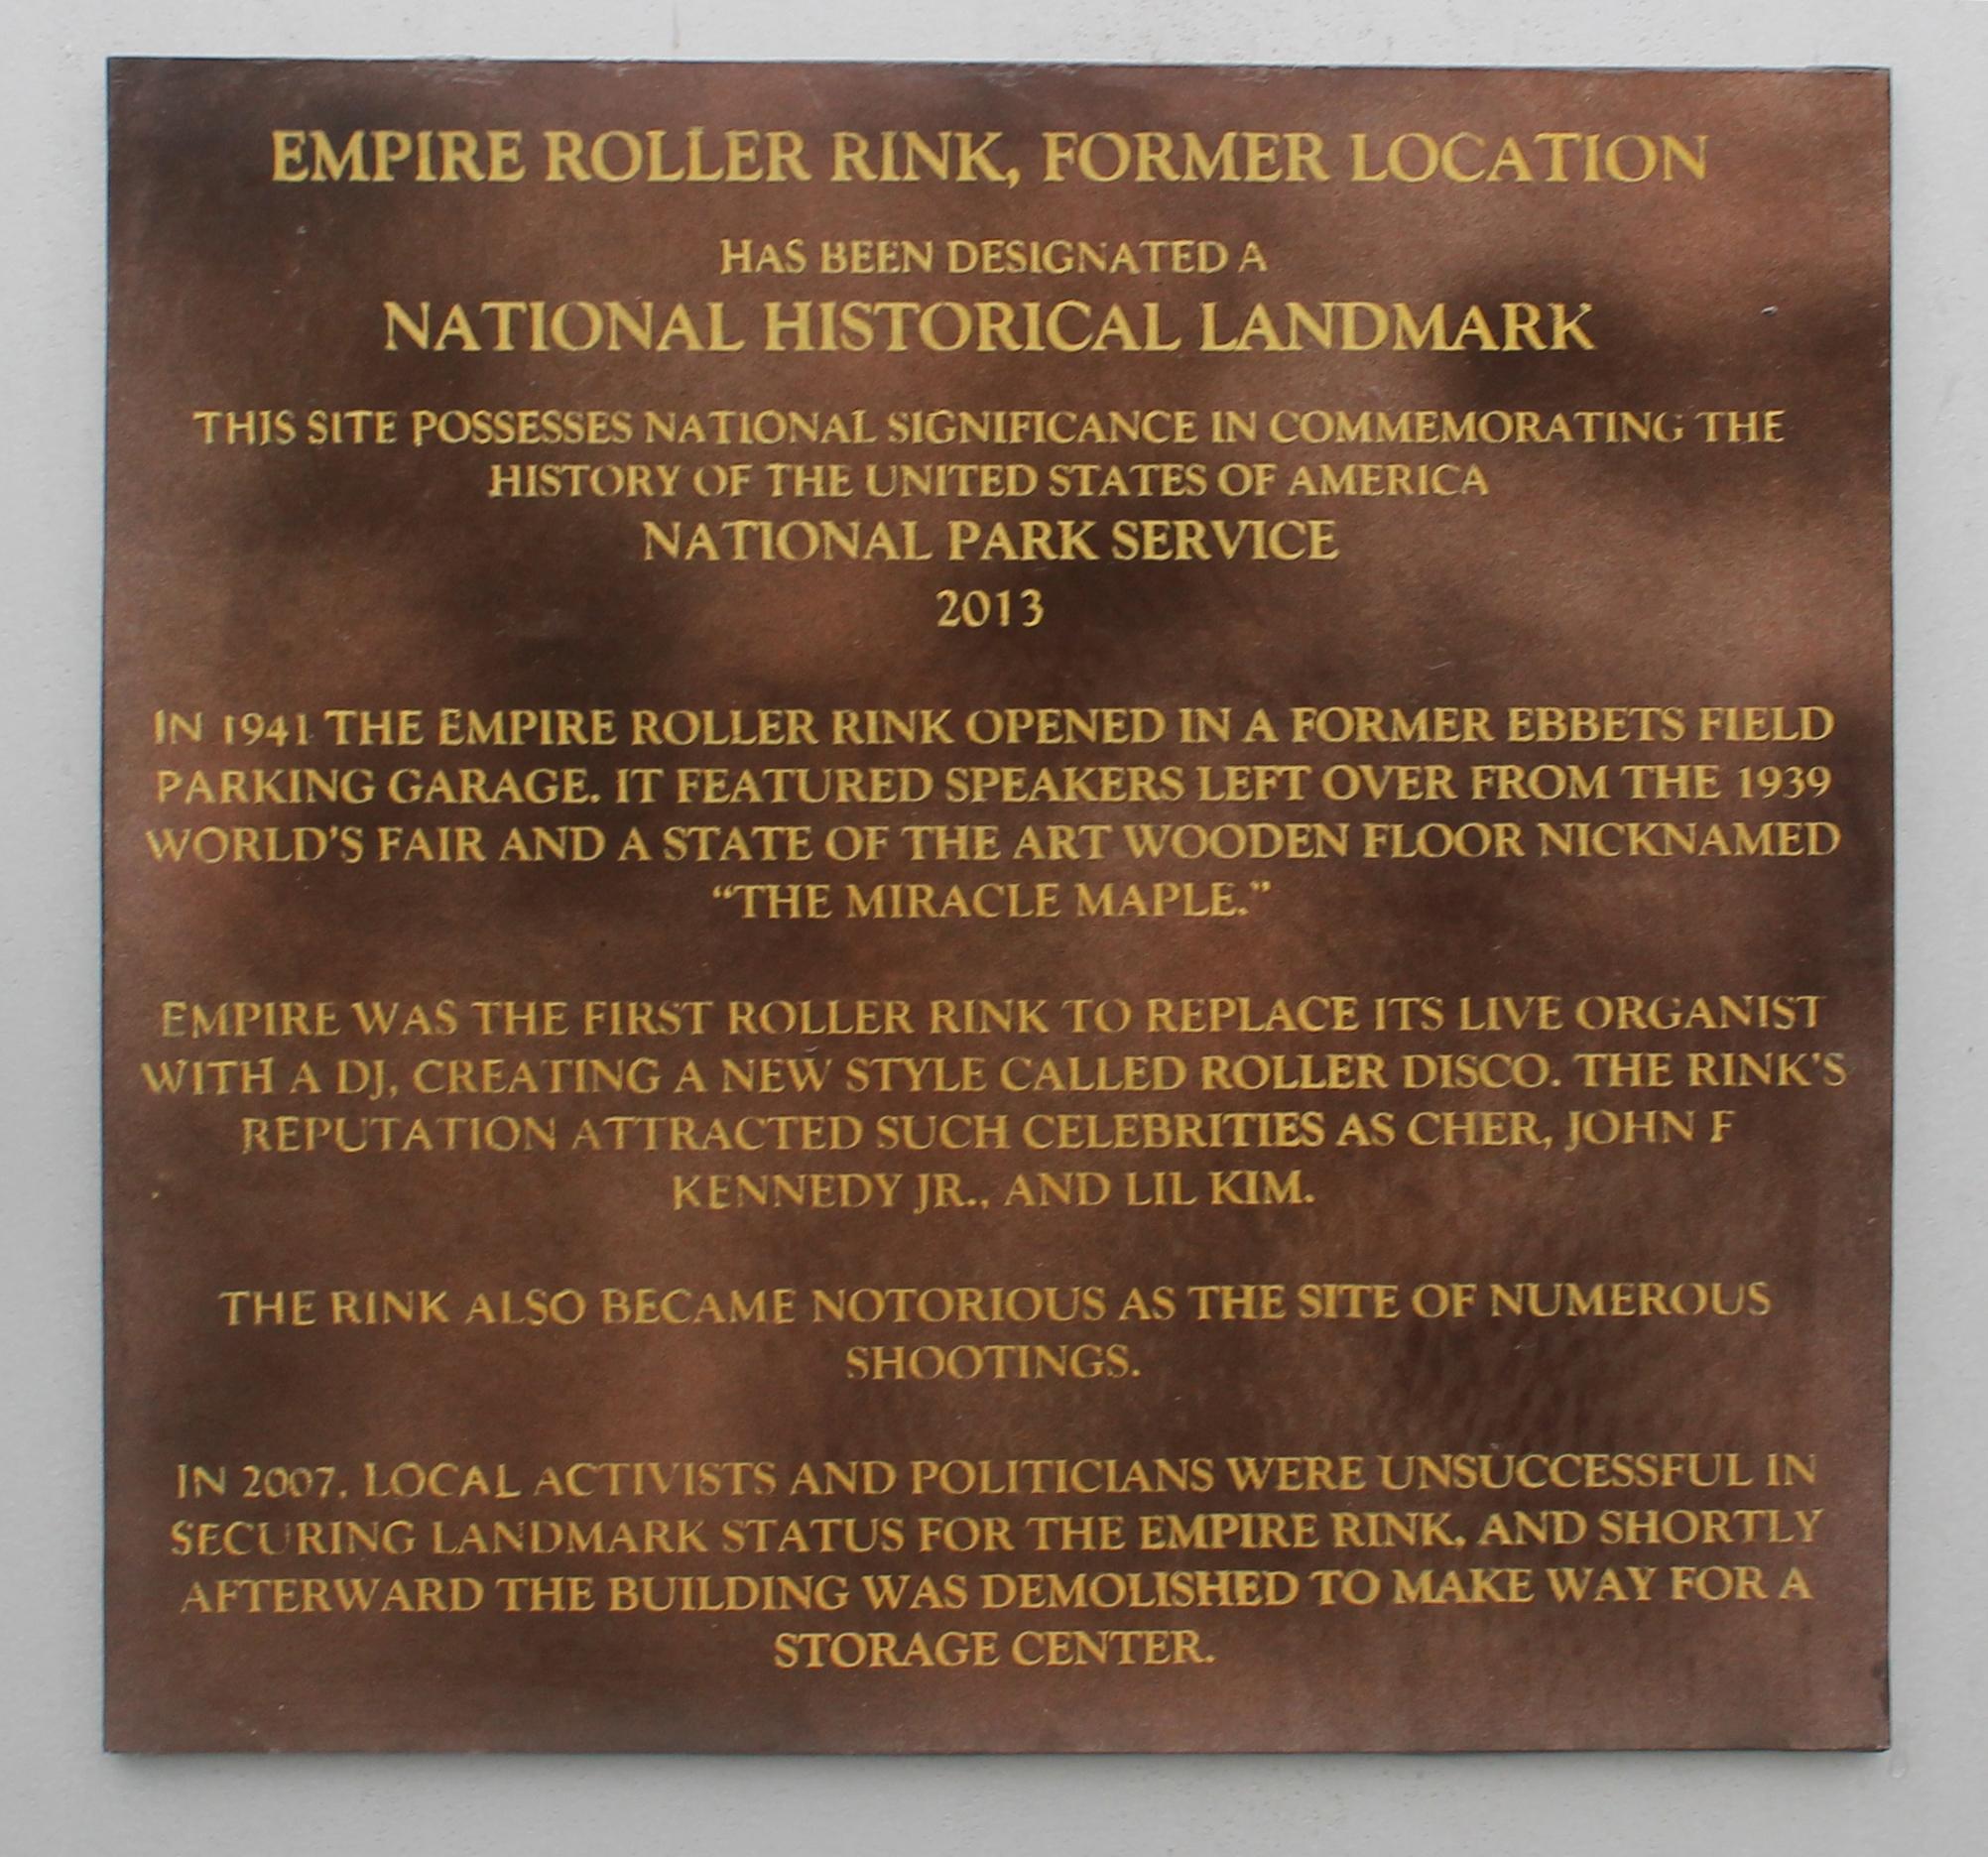 Empire Roller Rink